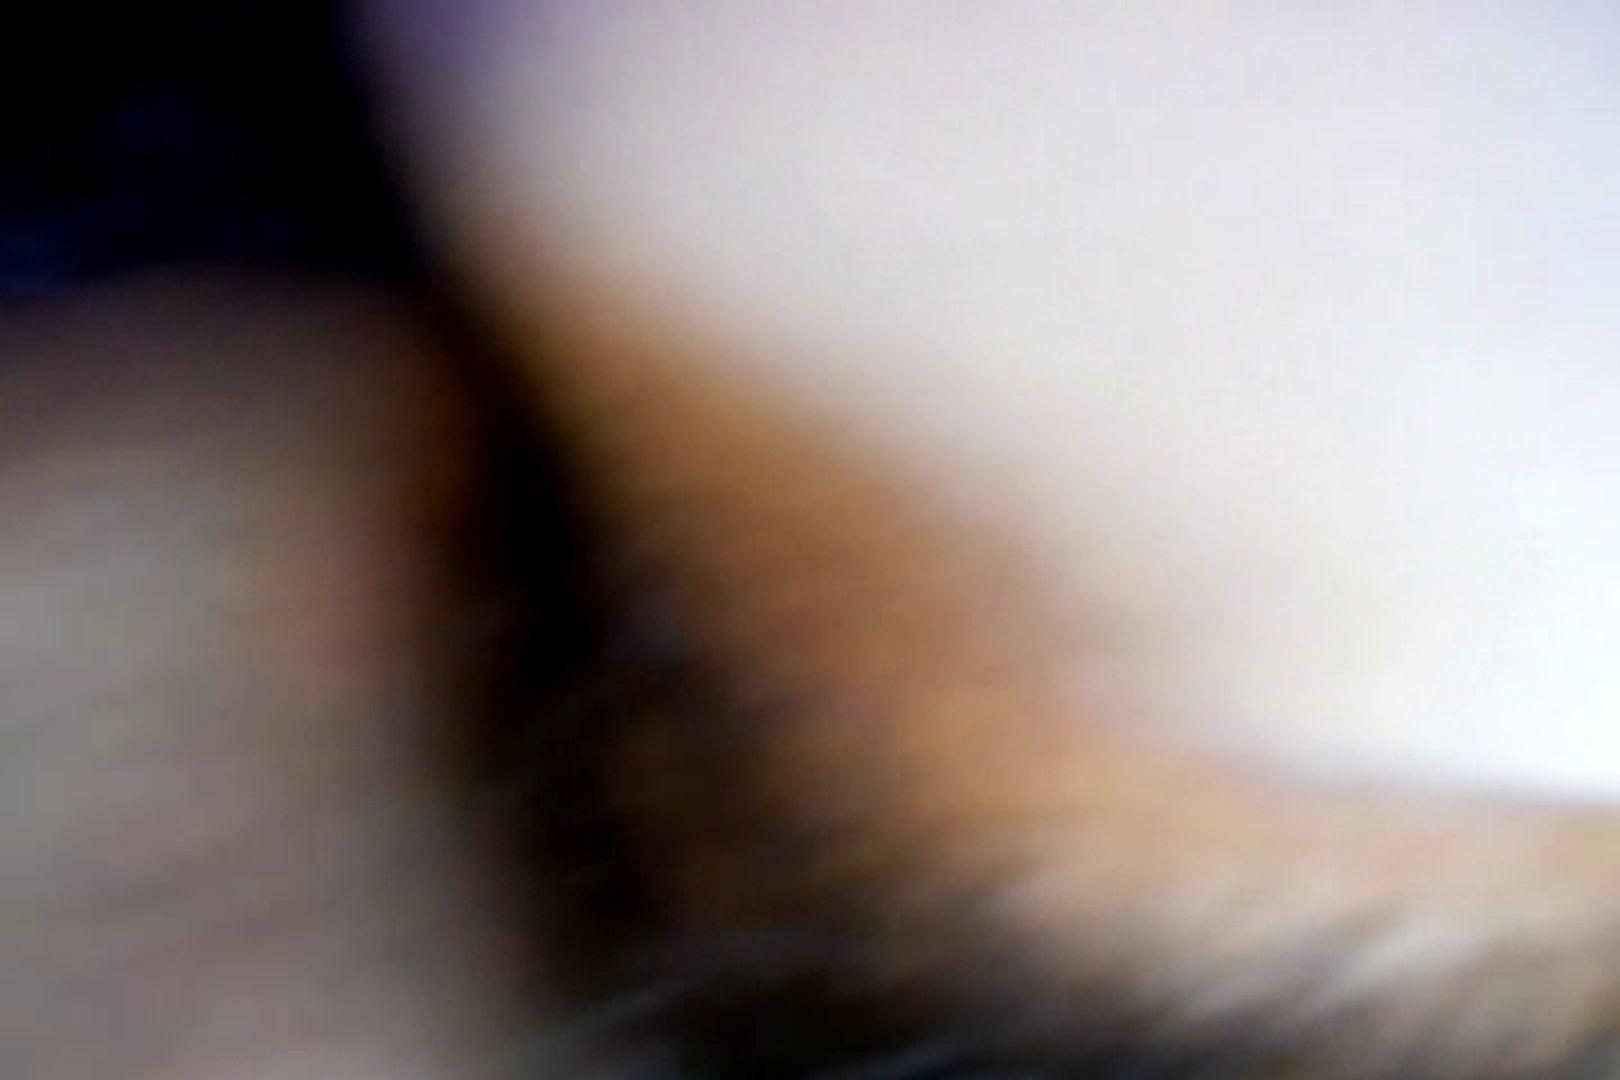 ウイルス流出 レオ&マンコのアルバム プライベート | マンコ  74画像 16